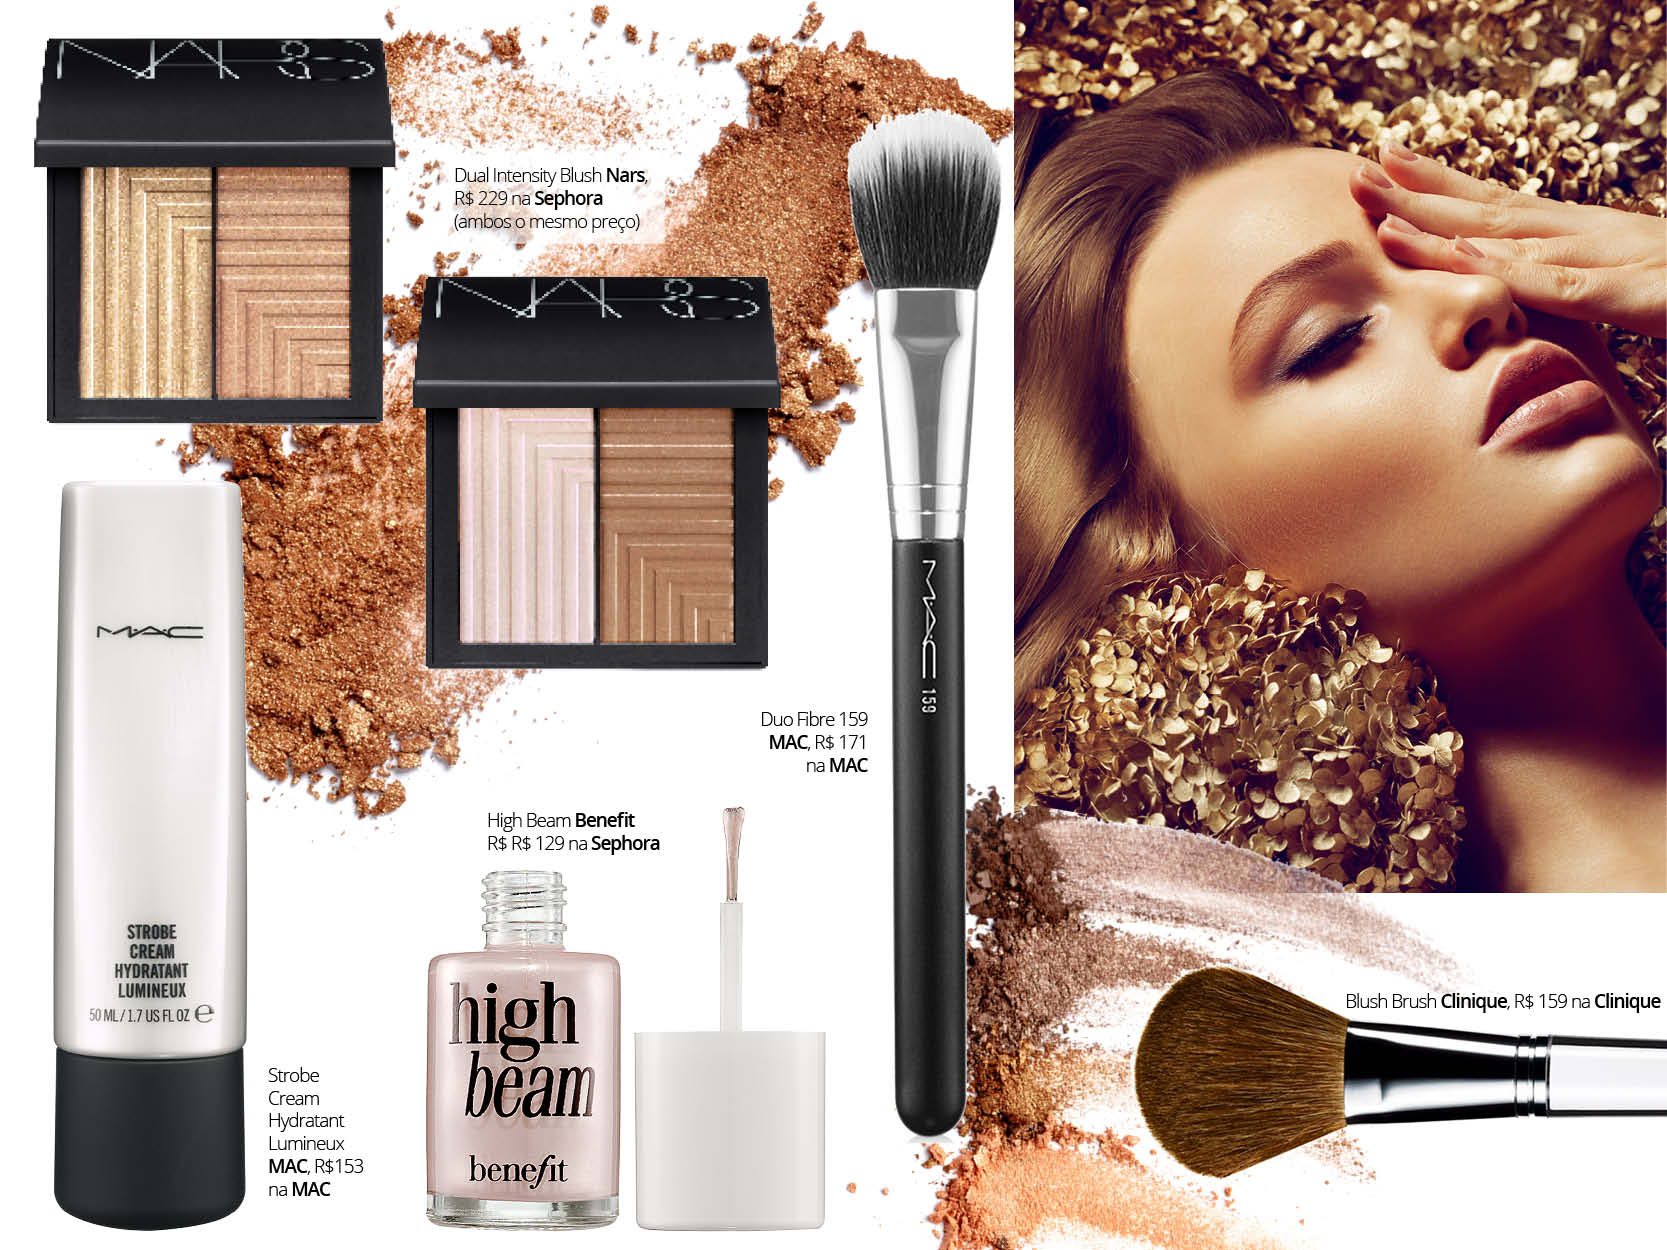 beauty flash - strobing para noivas e madrinhas_revista icasei4